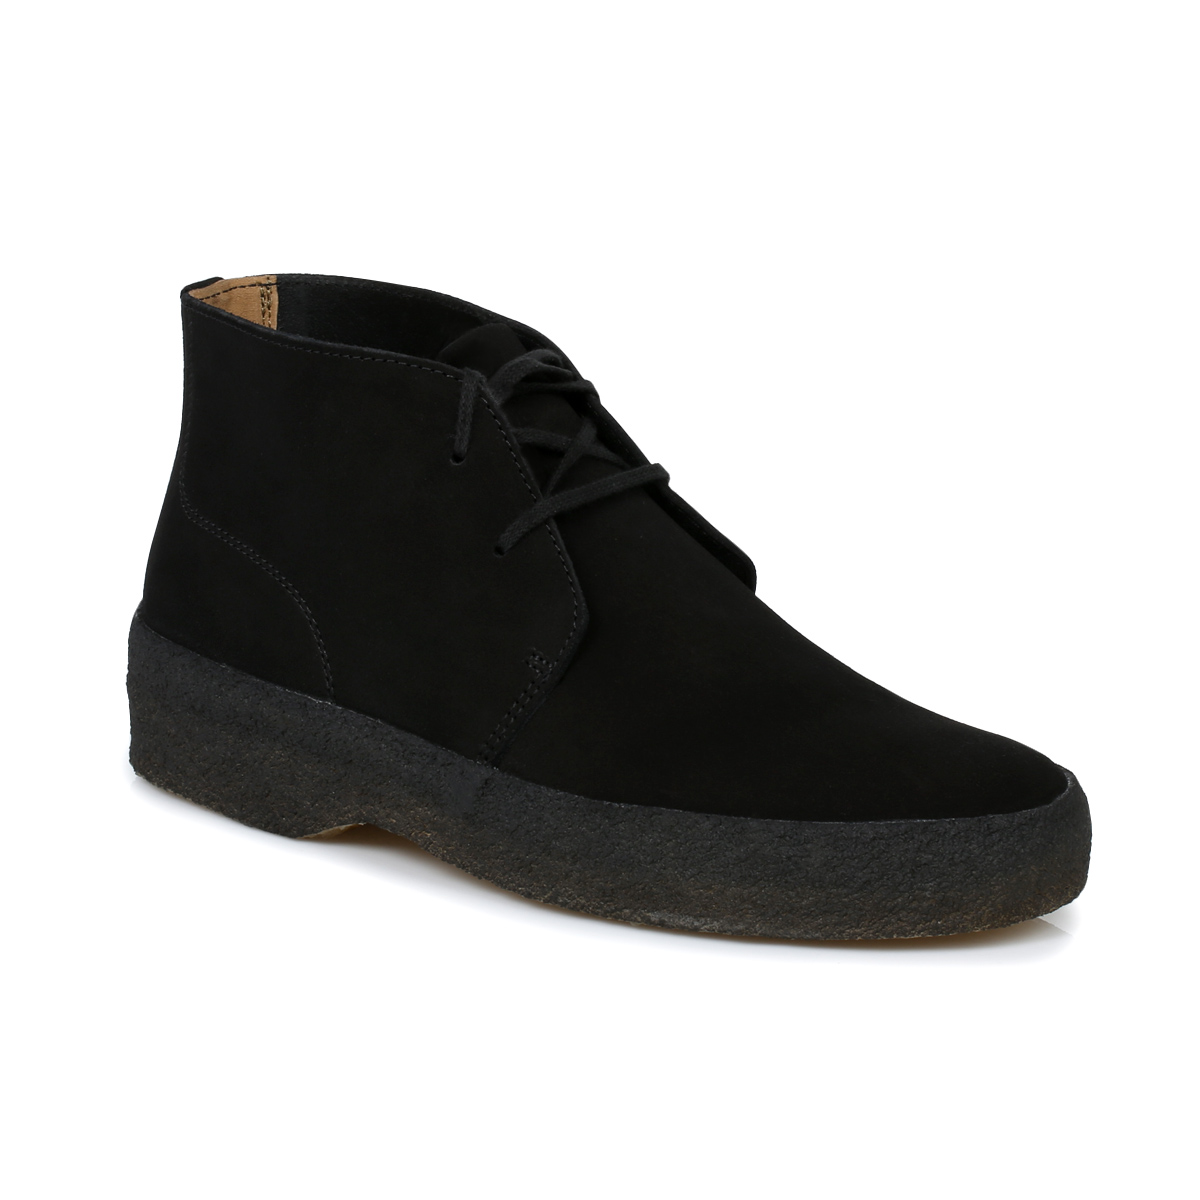 Clarks Black Desert Earl Mens Boots Sizes 8 11 Ebay